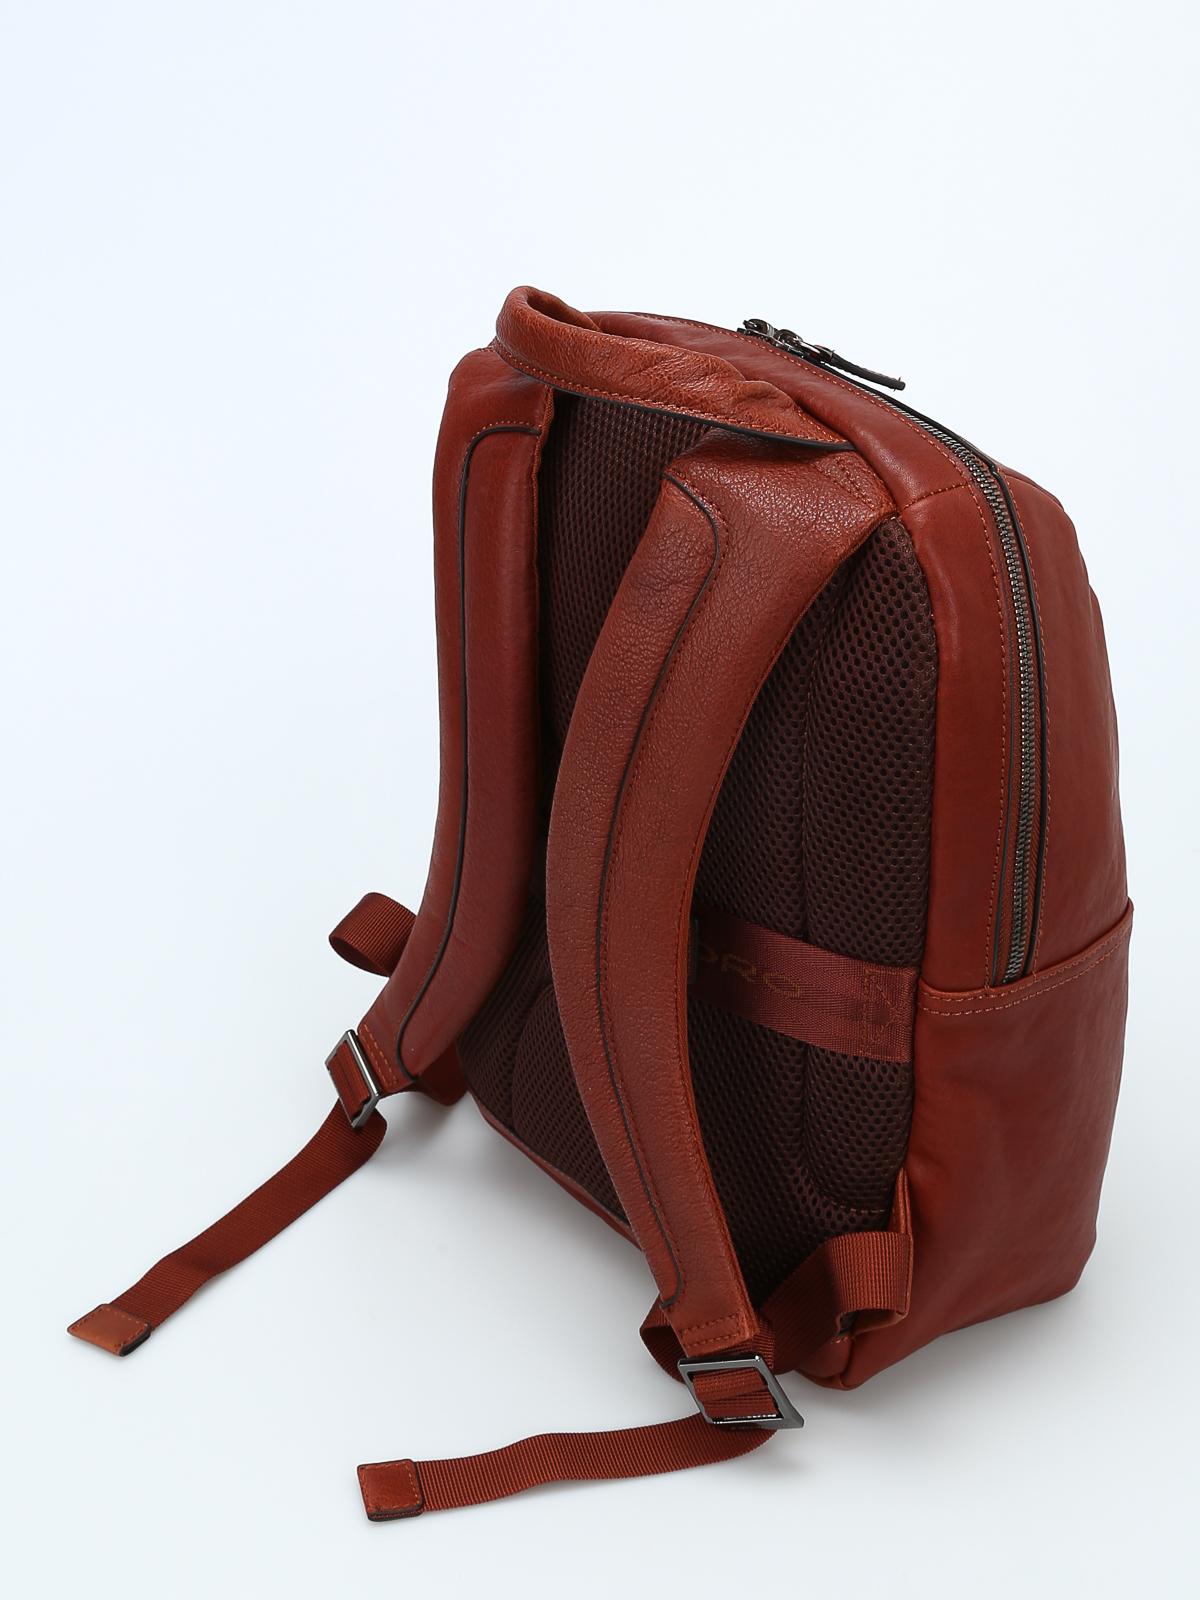 rivenditore online 2e14e 3c05e Piquadro - Zainetto in pelle color cuoio - zaini - CA4022B3 ...